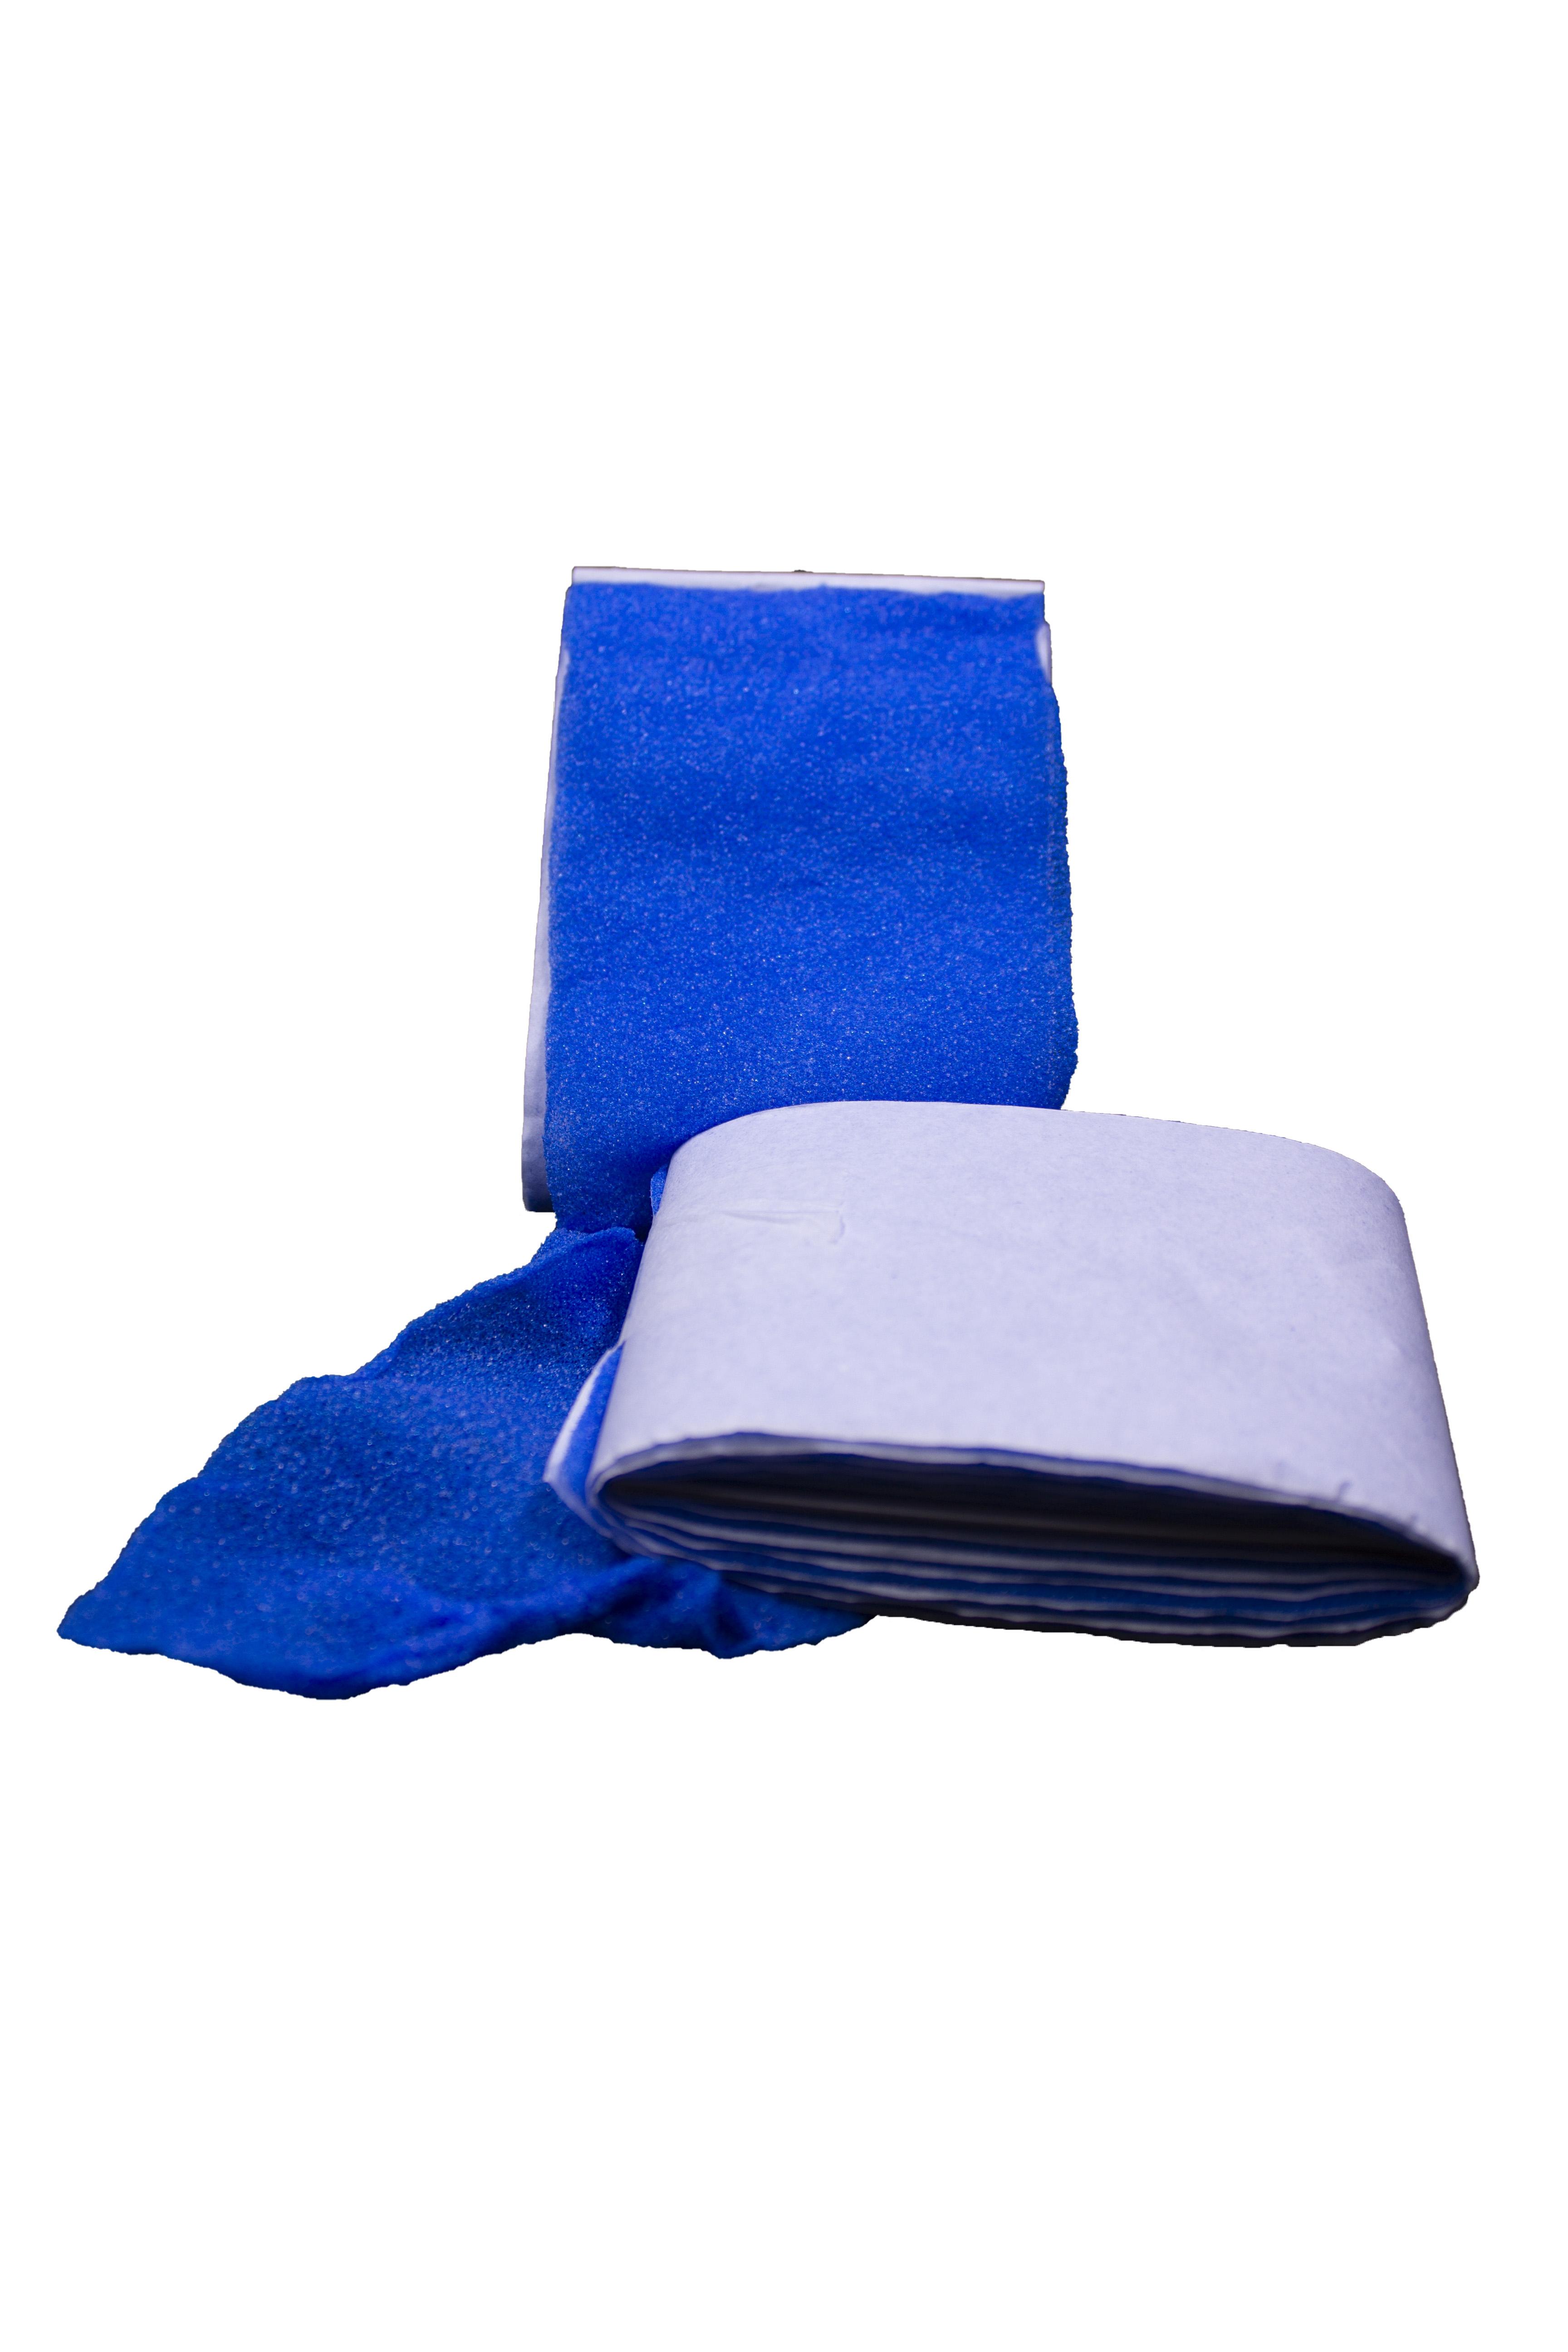 Image of   Limfrit plaster, 1 meter x 6cm, blå